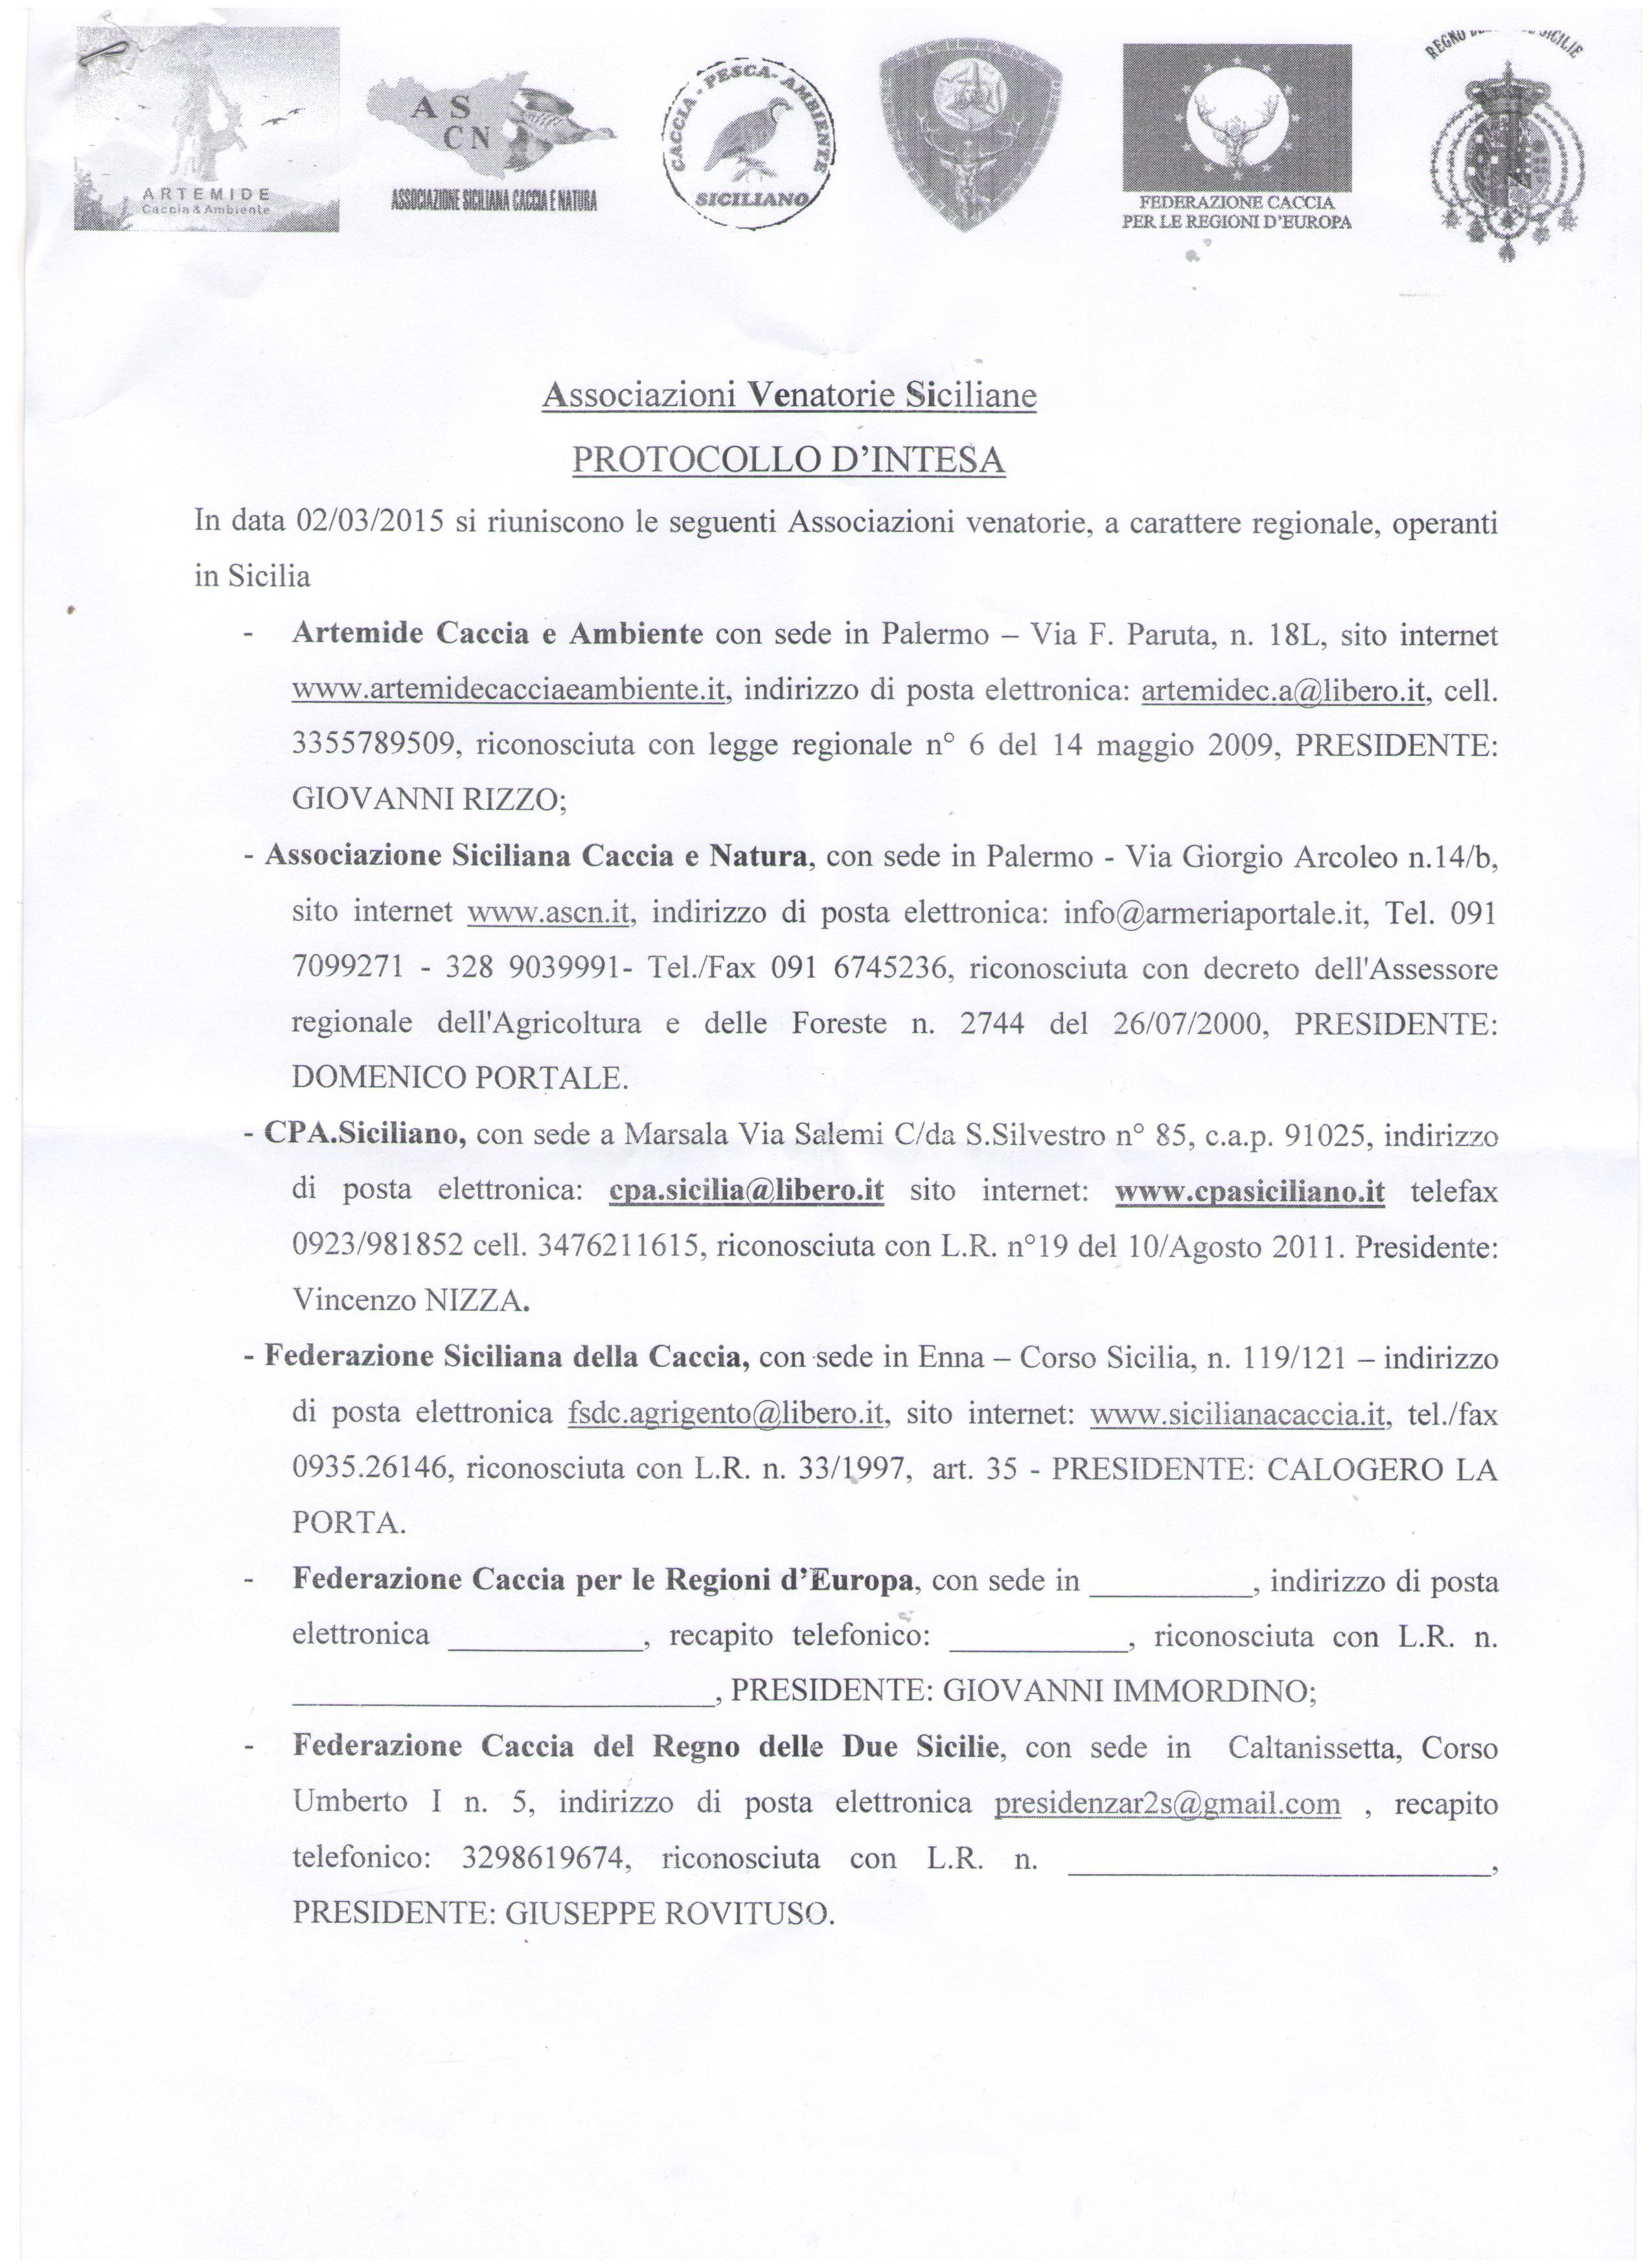 Gazzetta Ufficiale Calendario Venatorio Sicilia.Senza Categoria Archivi Pagina 5 Di 9 Cpa Sicilianocpa